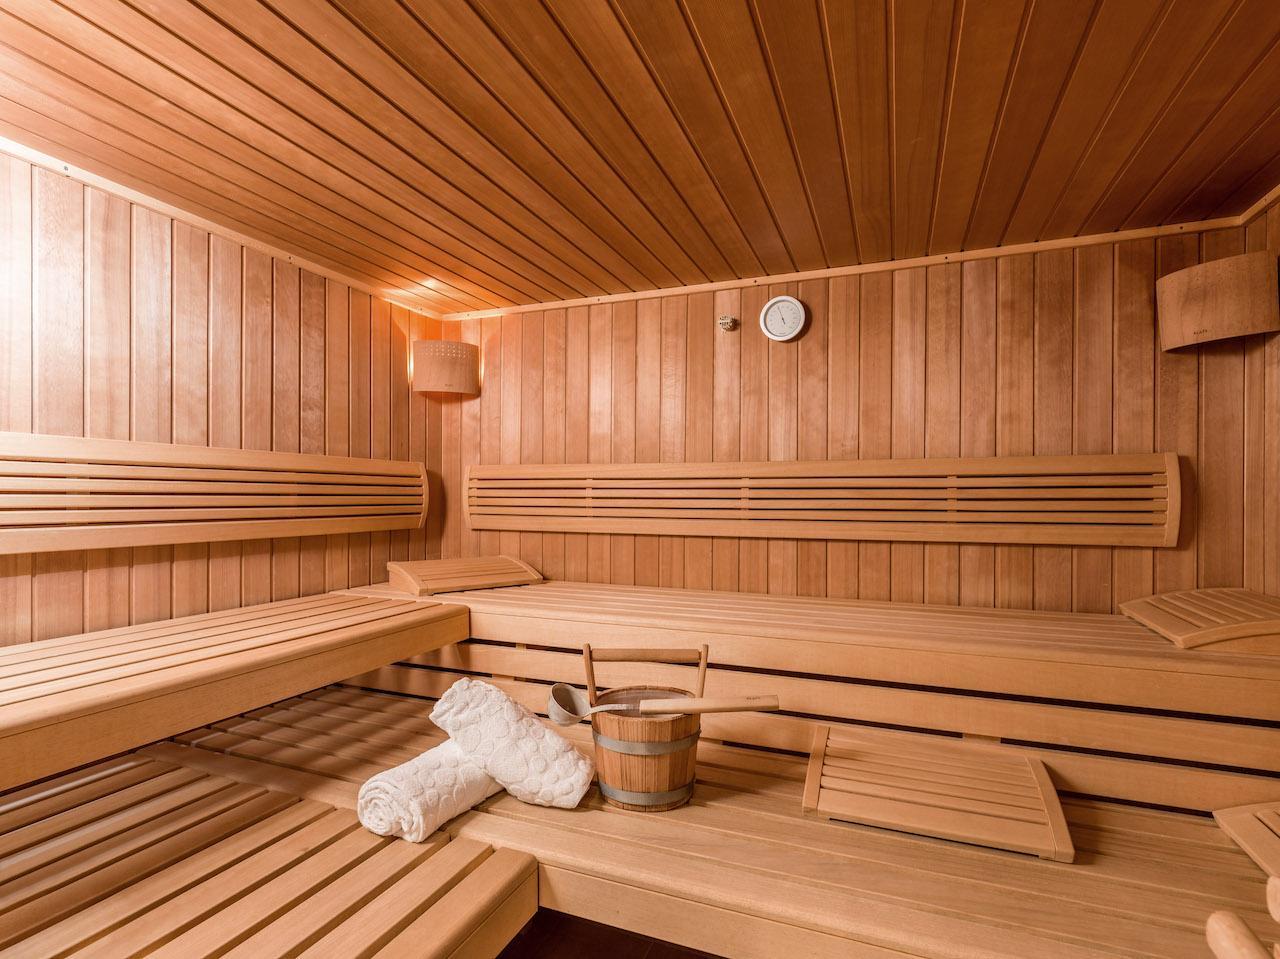 Tennenwirt Guesthouse #Willkommen#Bildergalerie#Sauna